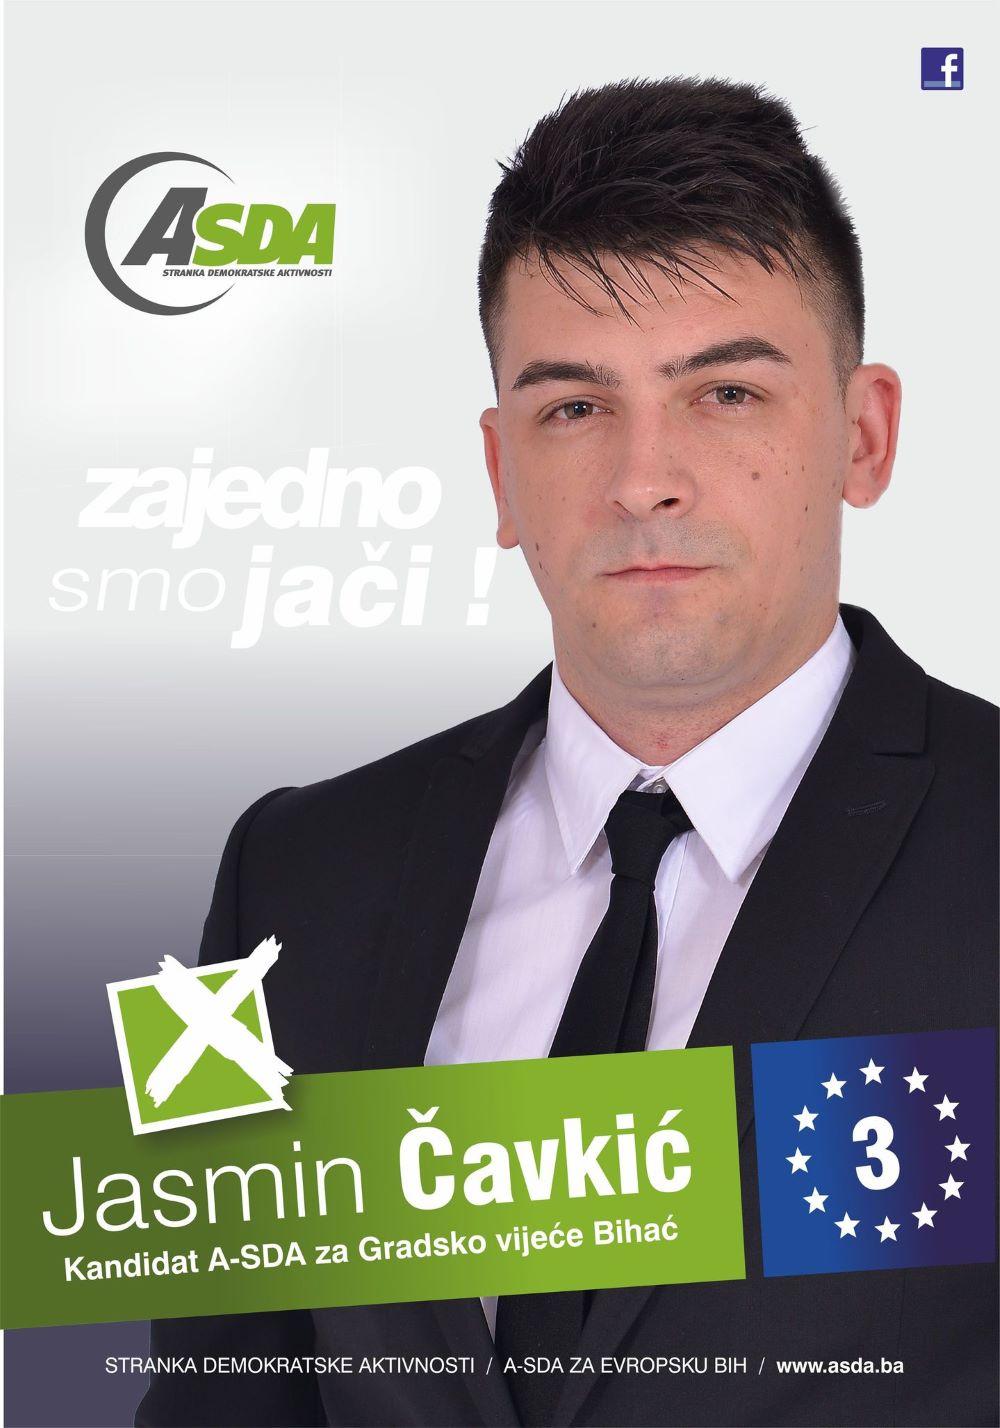 Jasmin Čavkić